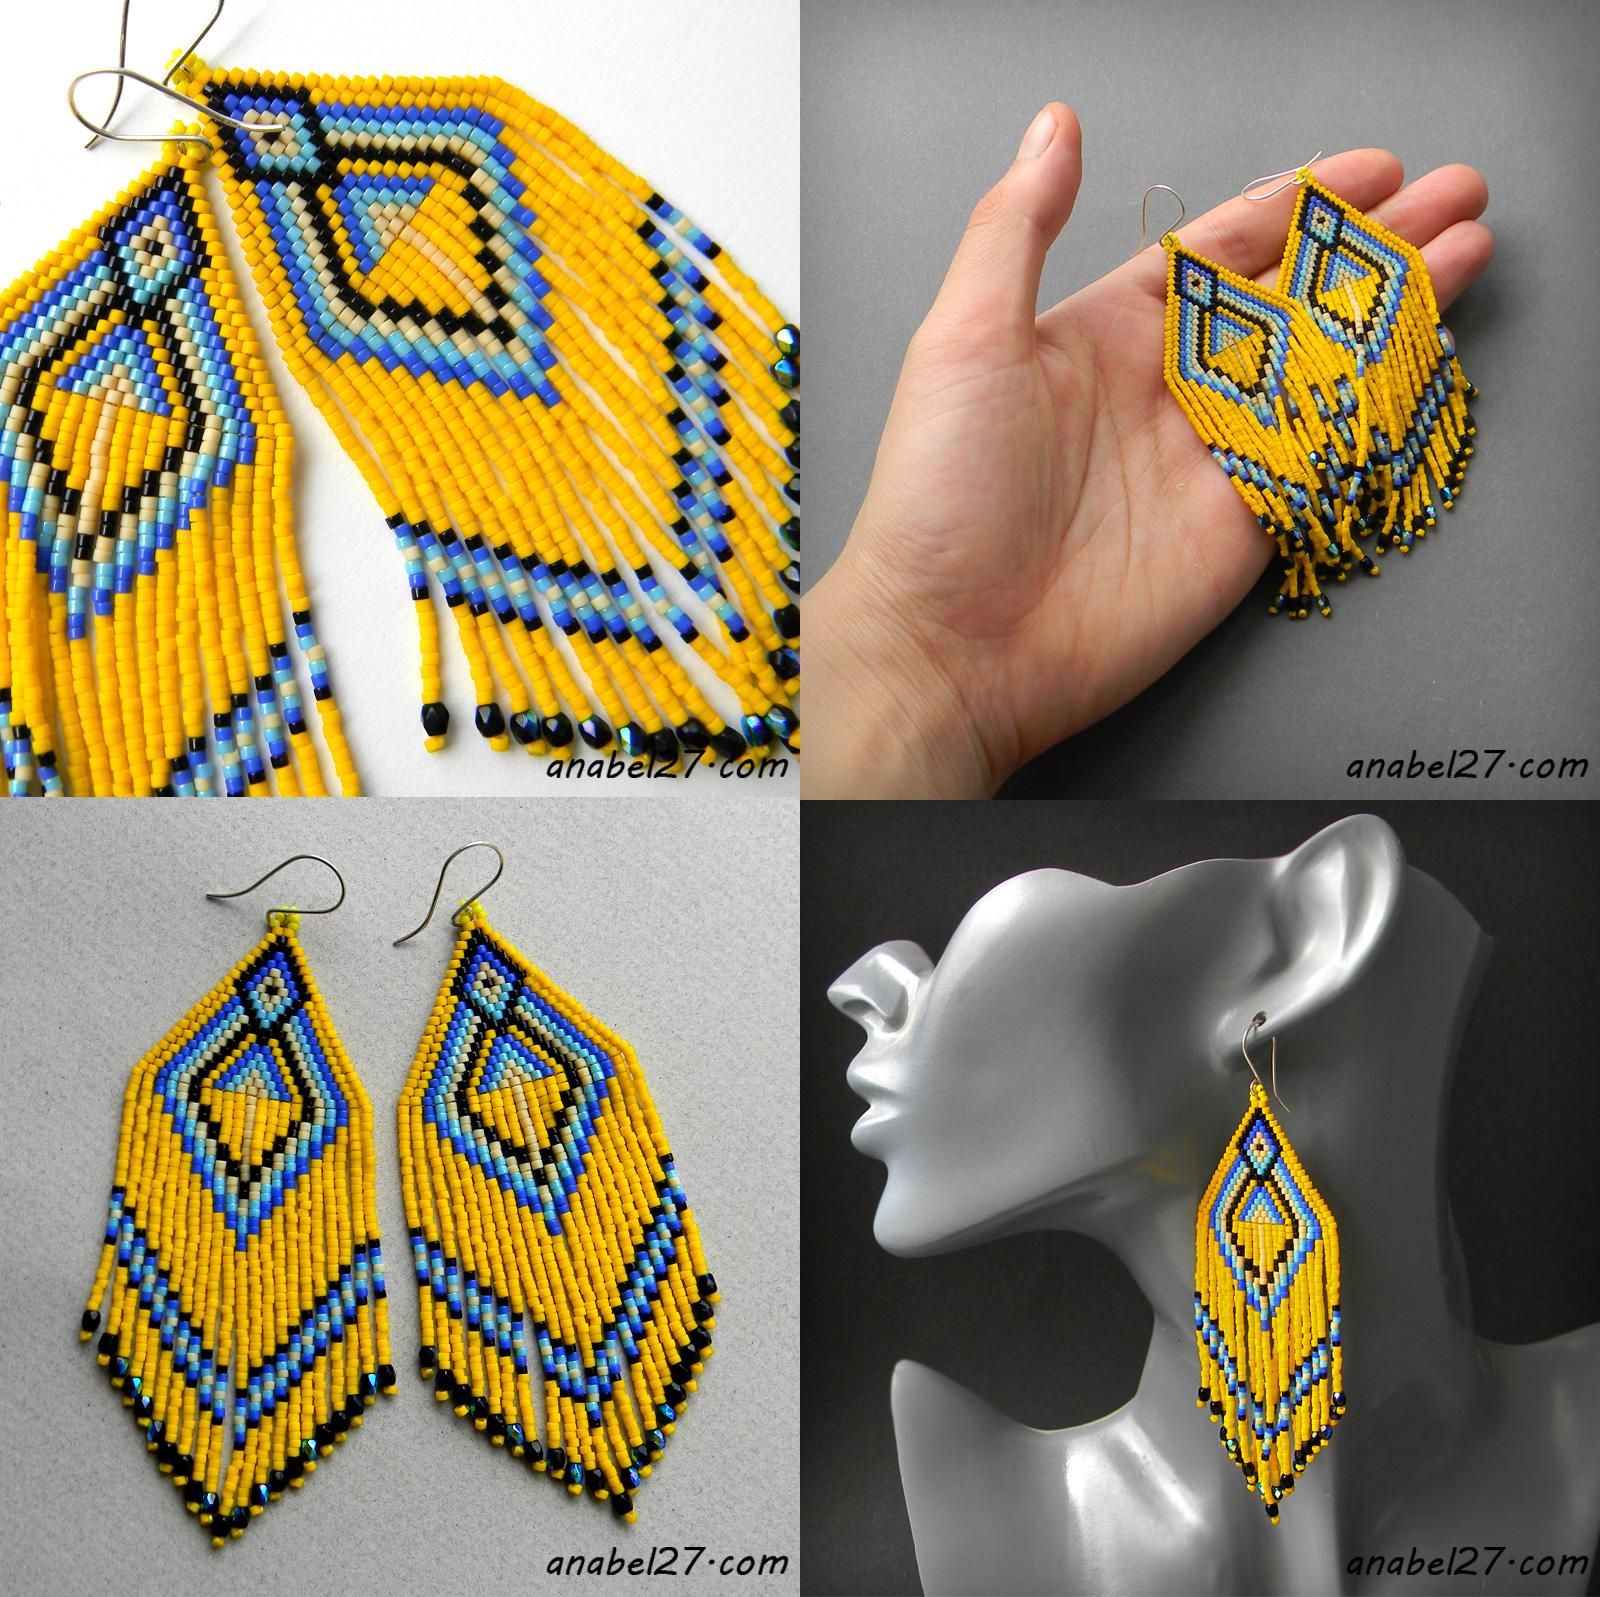 Крупные жёлтые серьги из бисера - этно-стиль